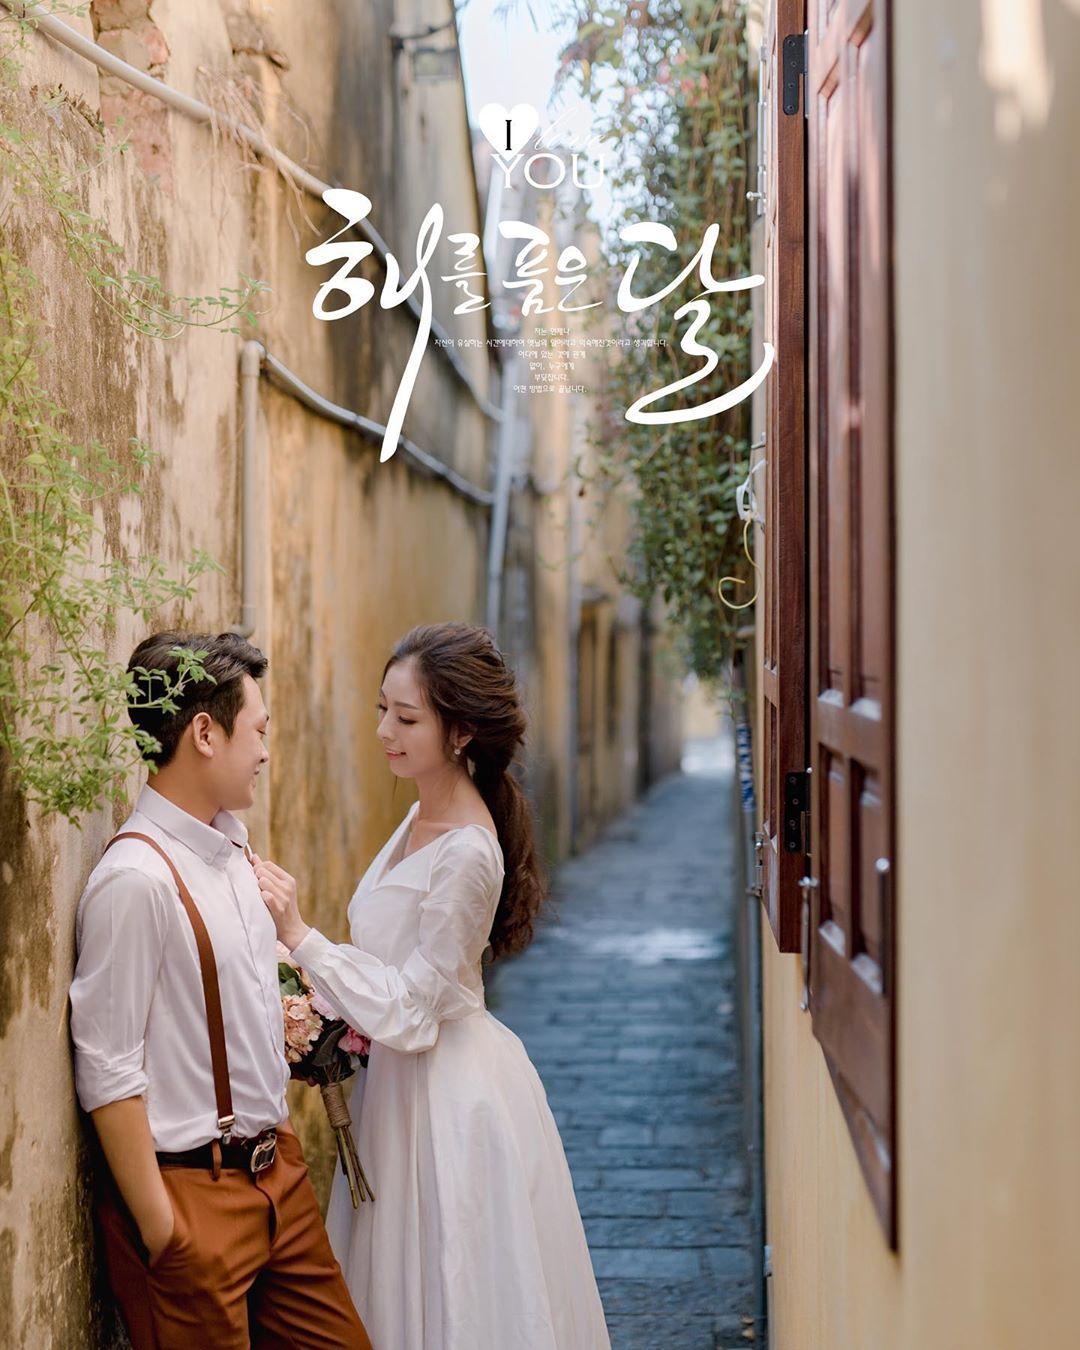 Ảnh cưới Hội An - Đà Nẵng